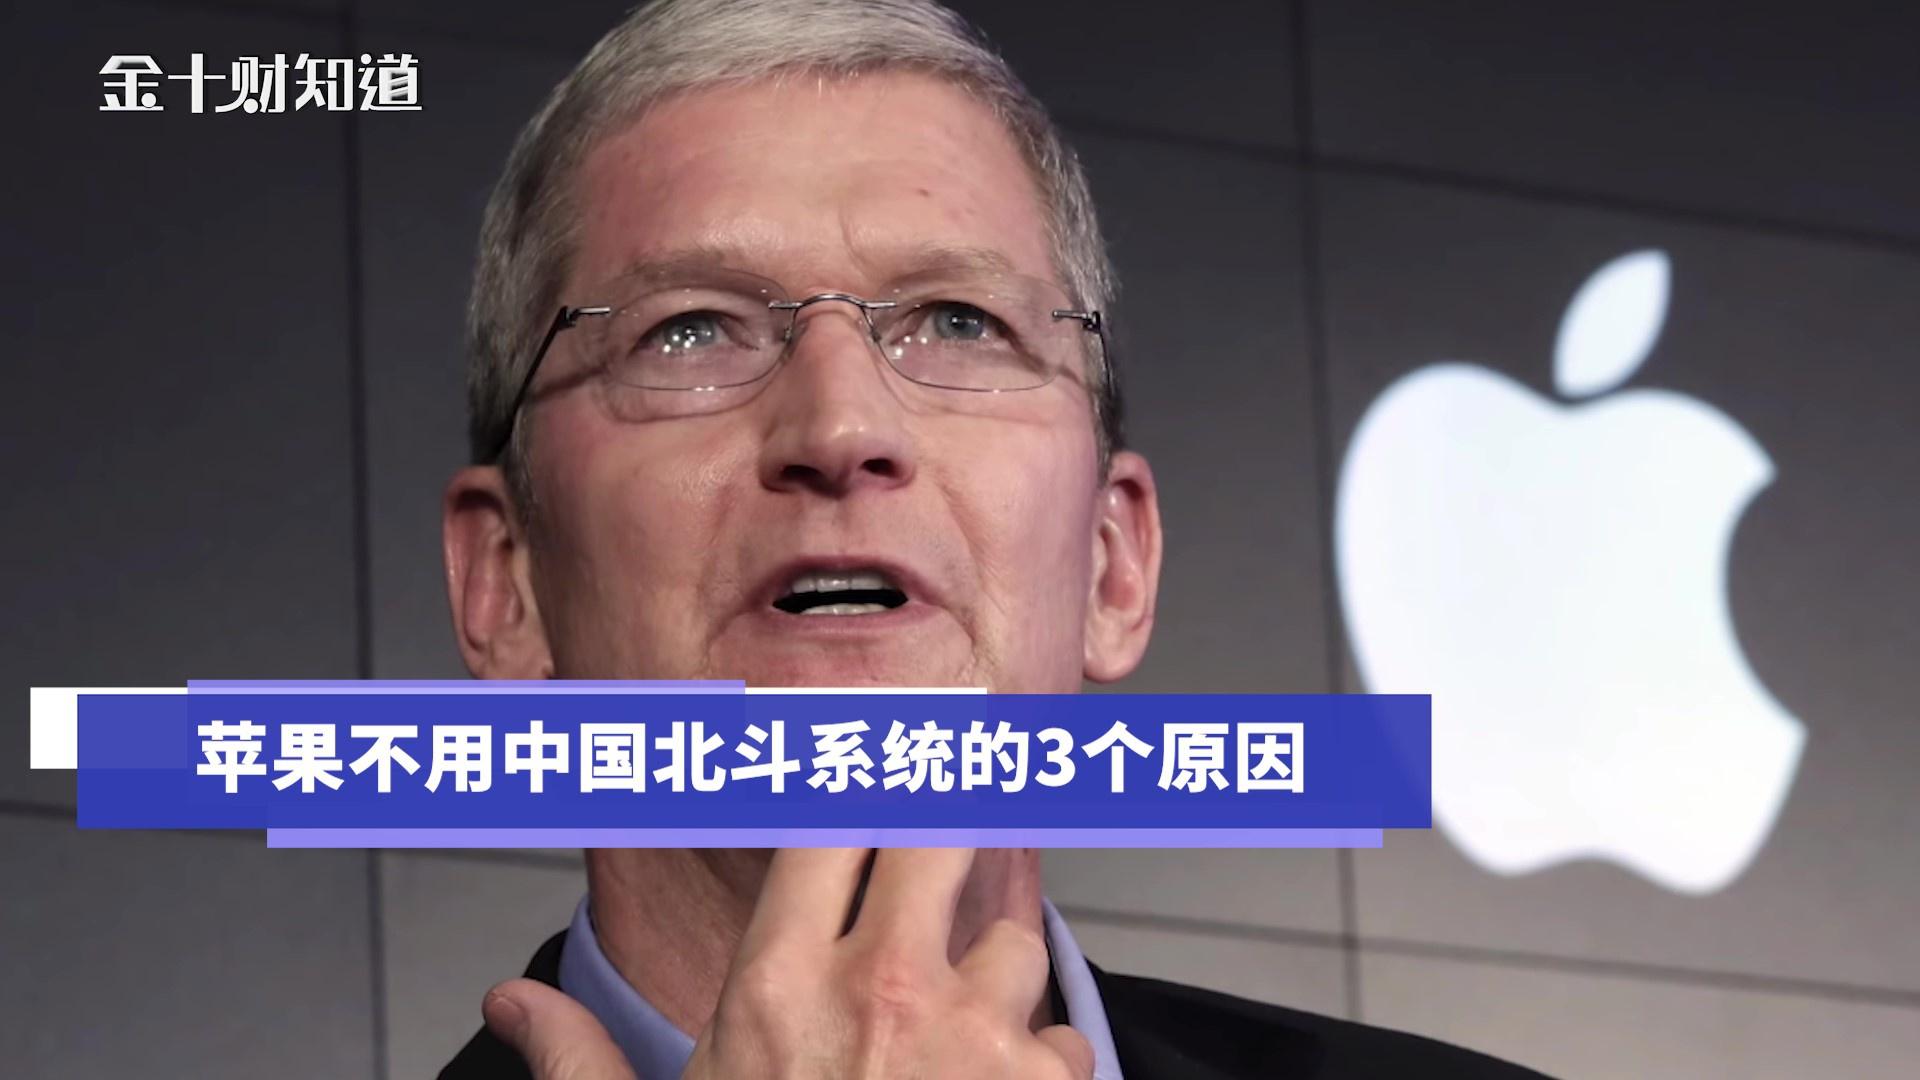 连三星都用了中国北斗系统,但苹果手机却没用!是什么原因?